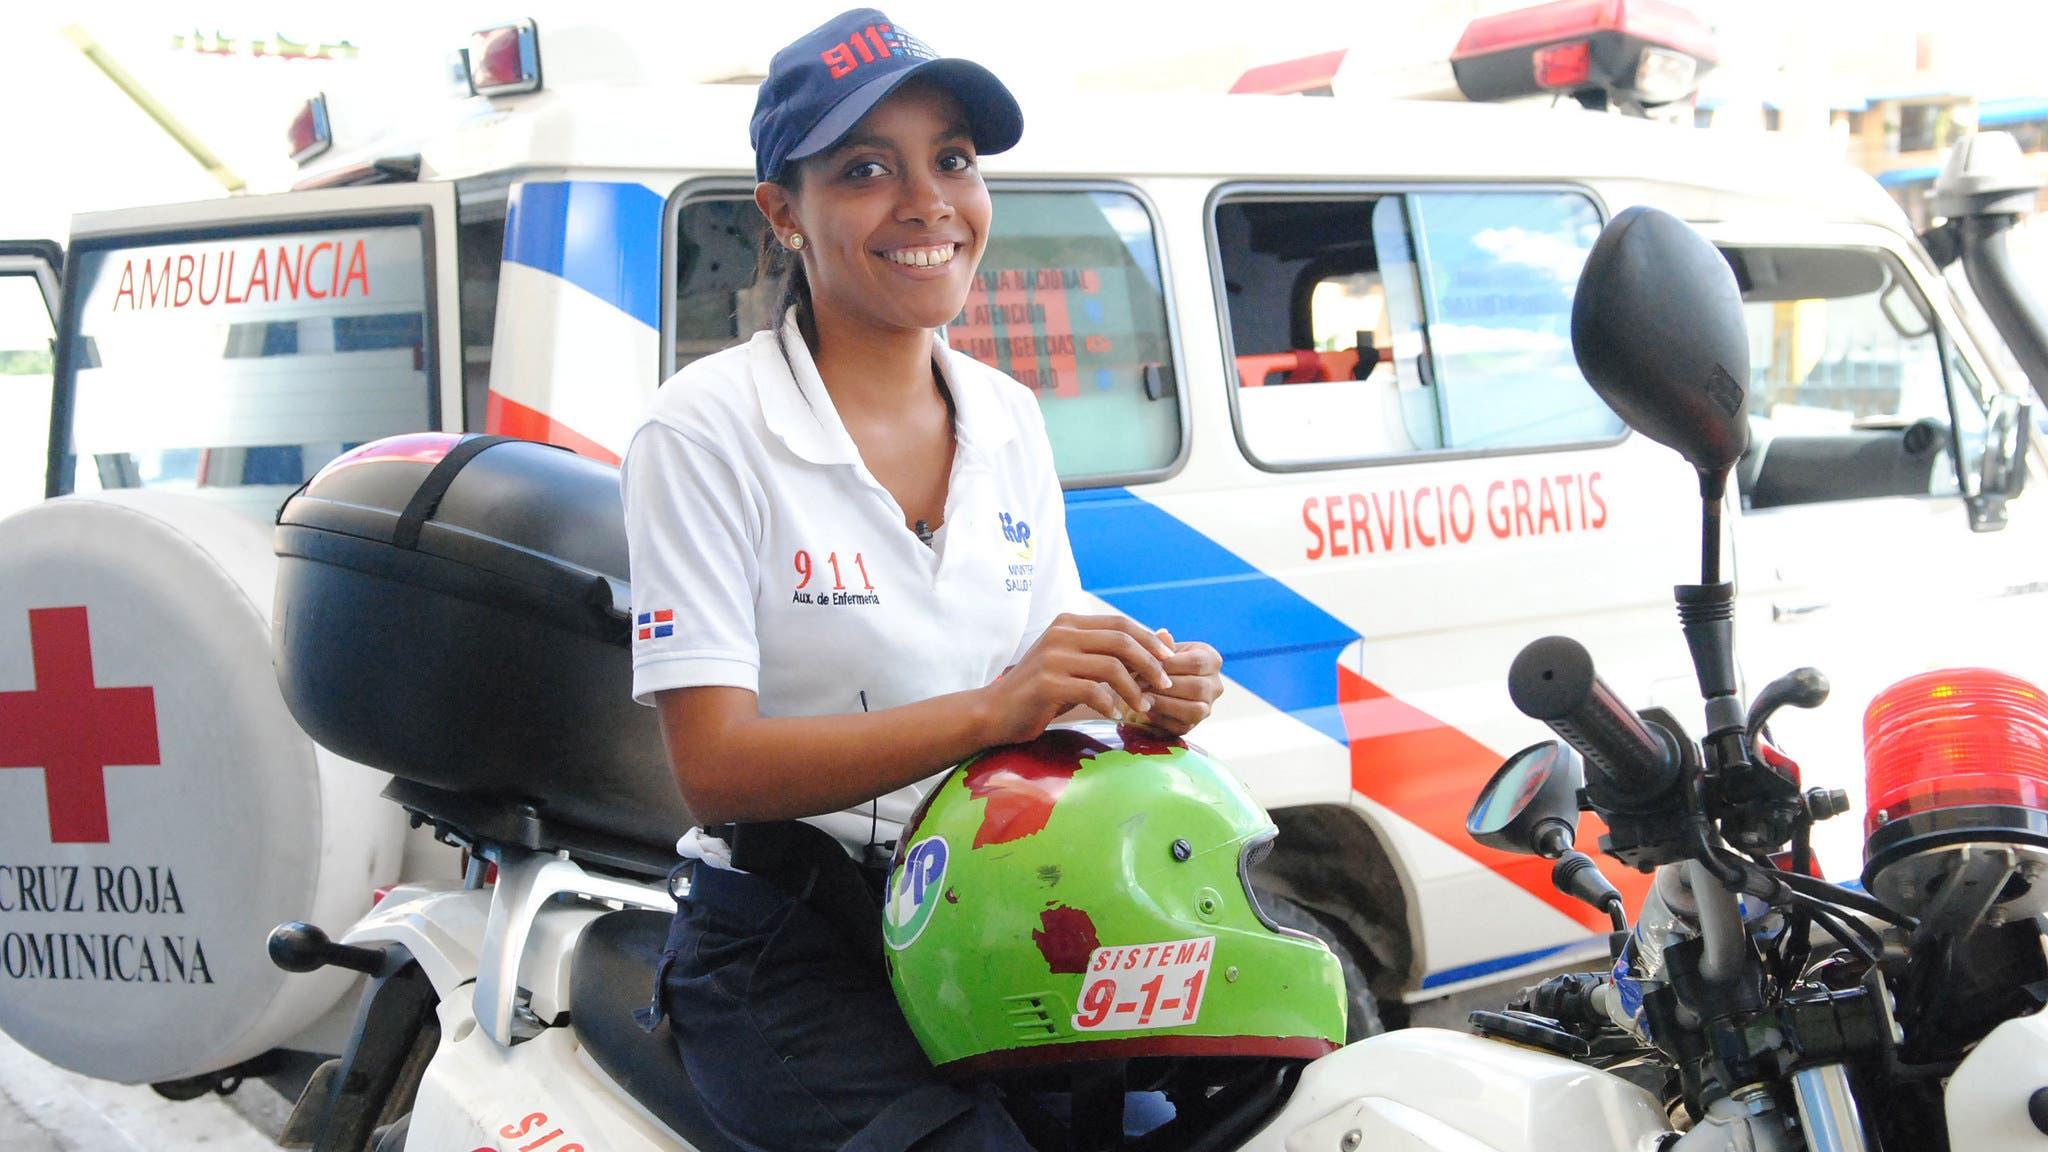 Montalvo anuncia que el 911 iniciará mañana en Haina y San Cristóbal